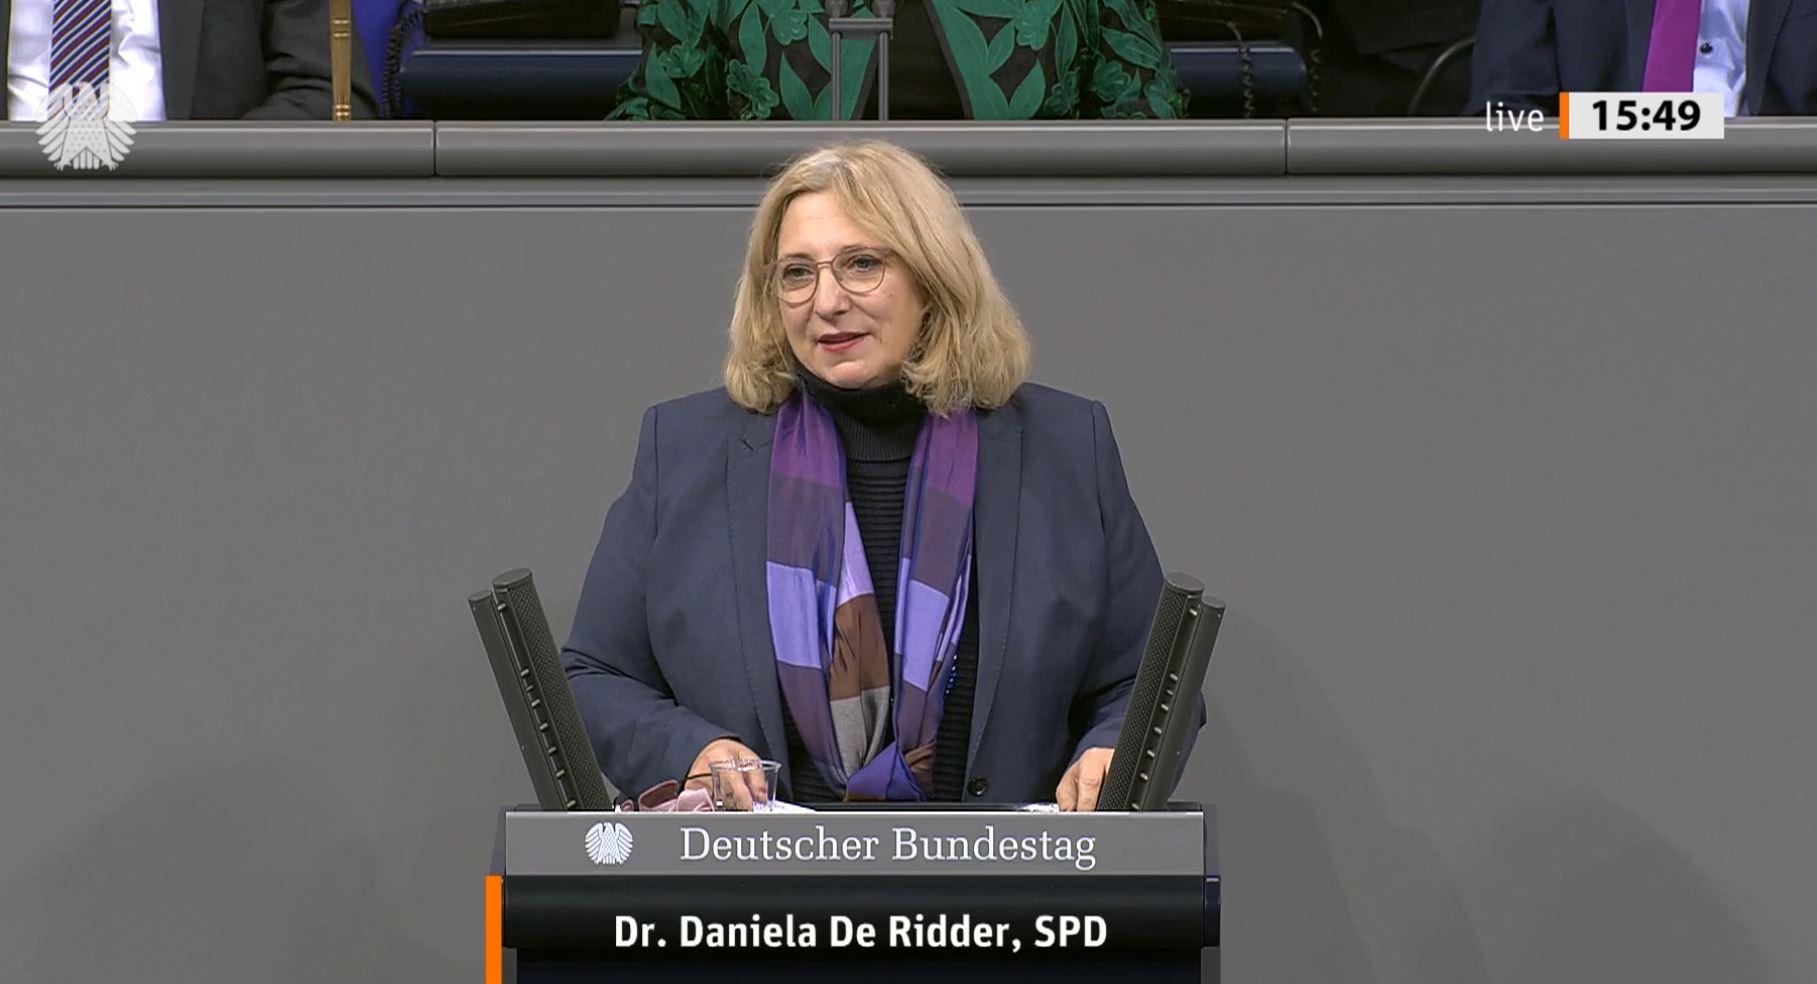 Dr. Daniela De Ridder spricht im Plenum zur aktuellen Stunde zu Strategien zum Schutz der Demokratie und den Konsequenzen aus der Erstürmung des US-Kapitols